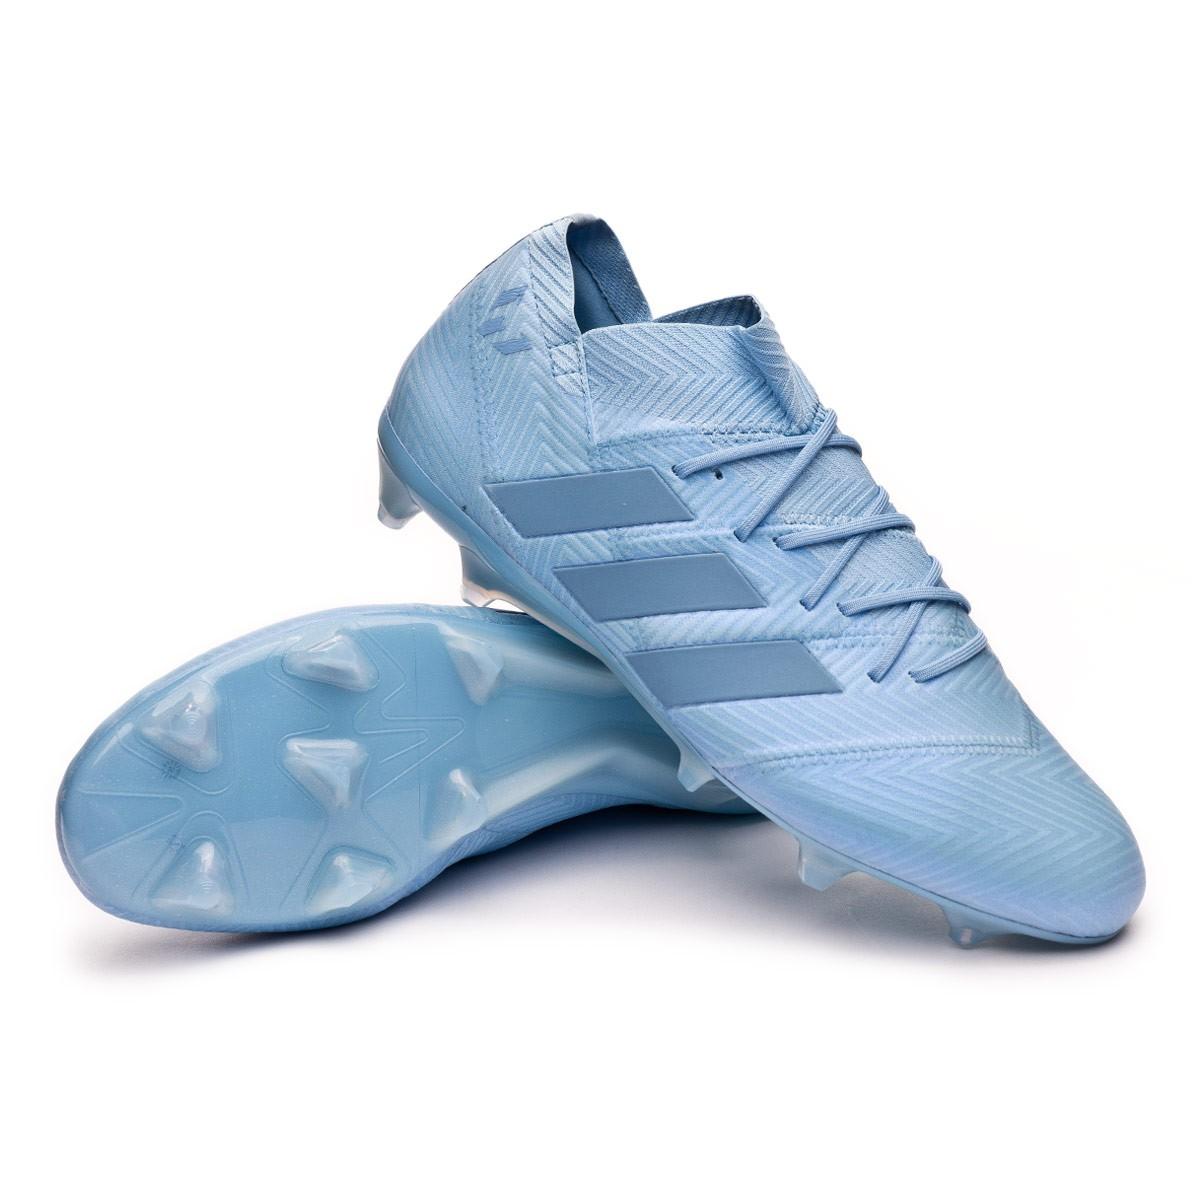 hombro Prisionero pueblo  Bota de fútbol adidas Nemeziz Messi 18.1 FG Ash blue-Raw grey - Tienda de fútbol  Fútbol Emotion